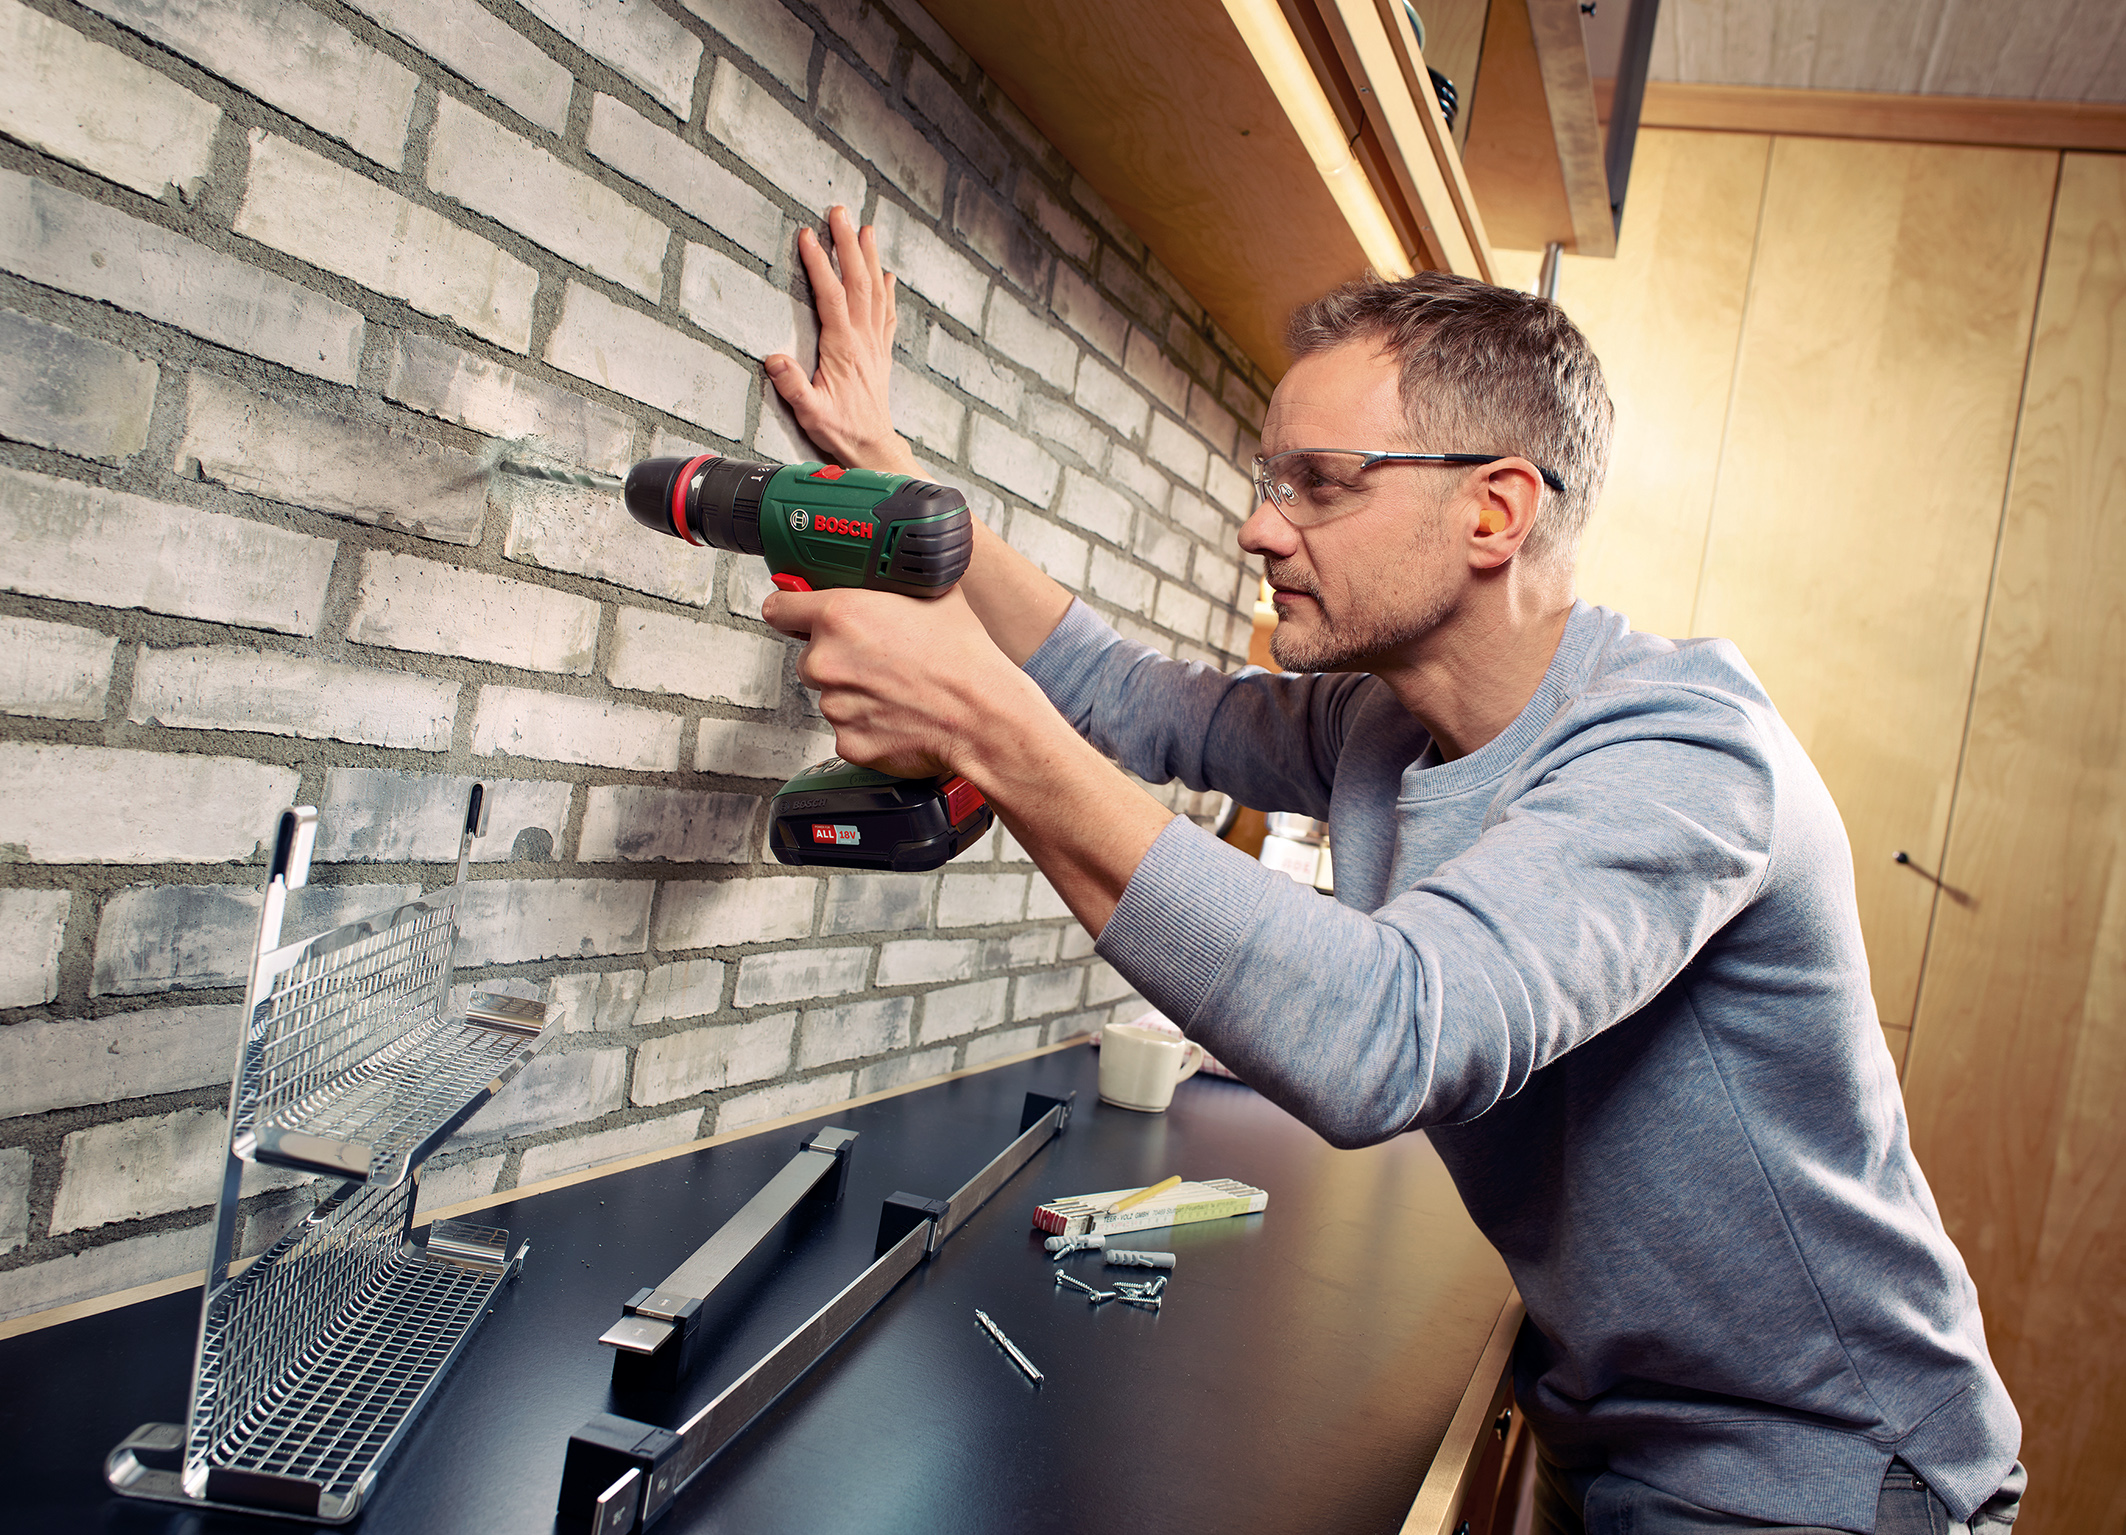 Adattatori intercambiabili per la massima flessibilità: Bosch AdvancedImpact 18 QuickSnap